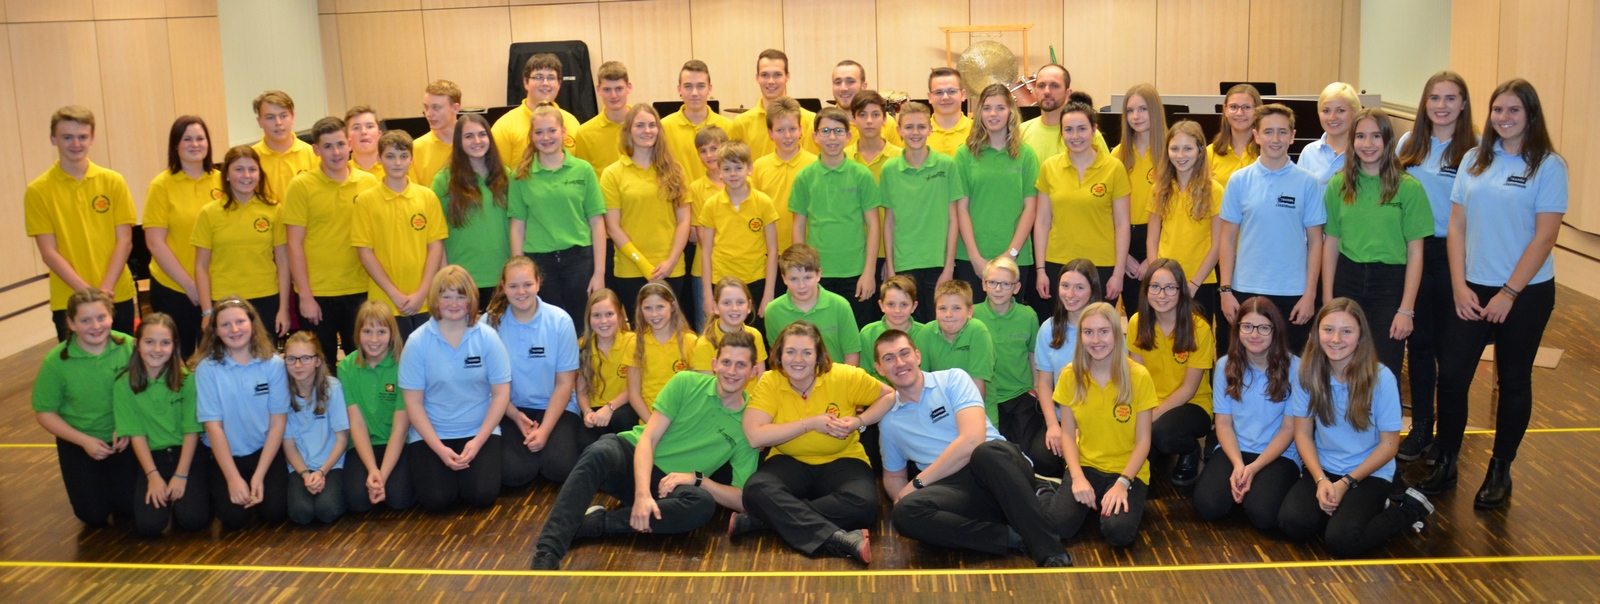 Gemeinschaftskonzert 'Jugend in Concert 2017' - mit den 'Granit Young Stars' und 'Young Wood & Brass'